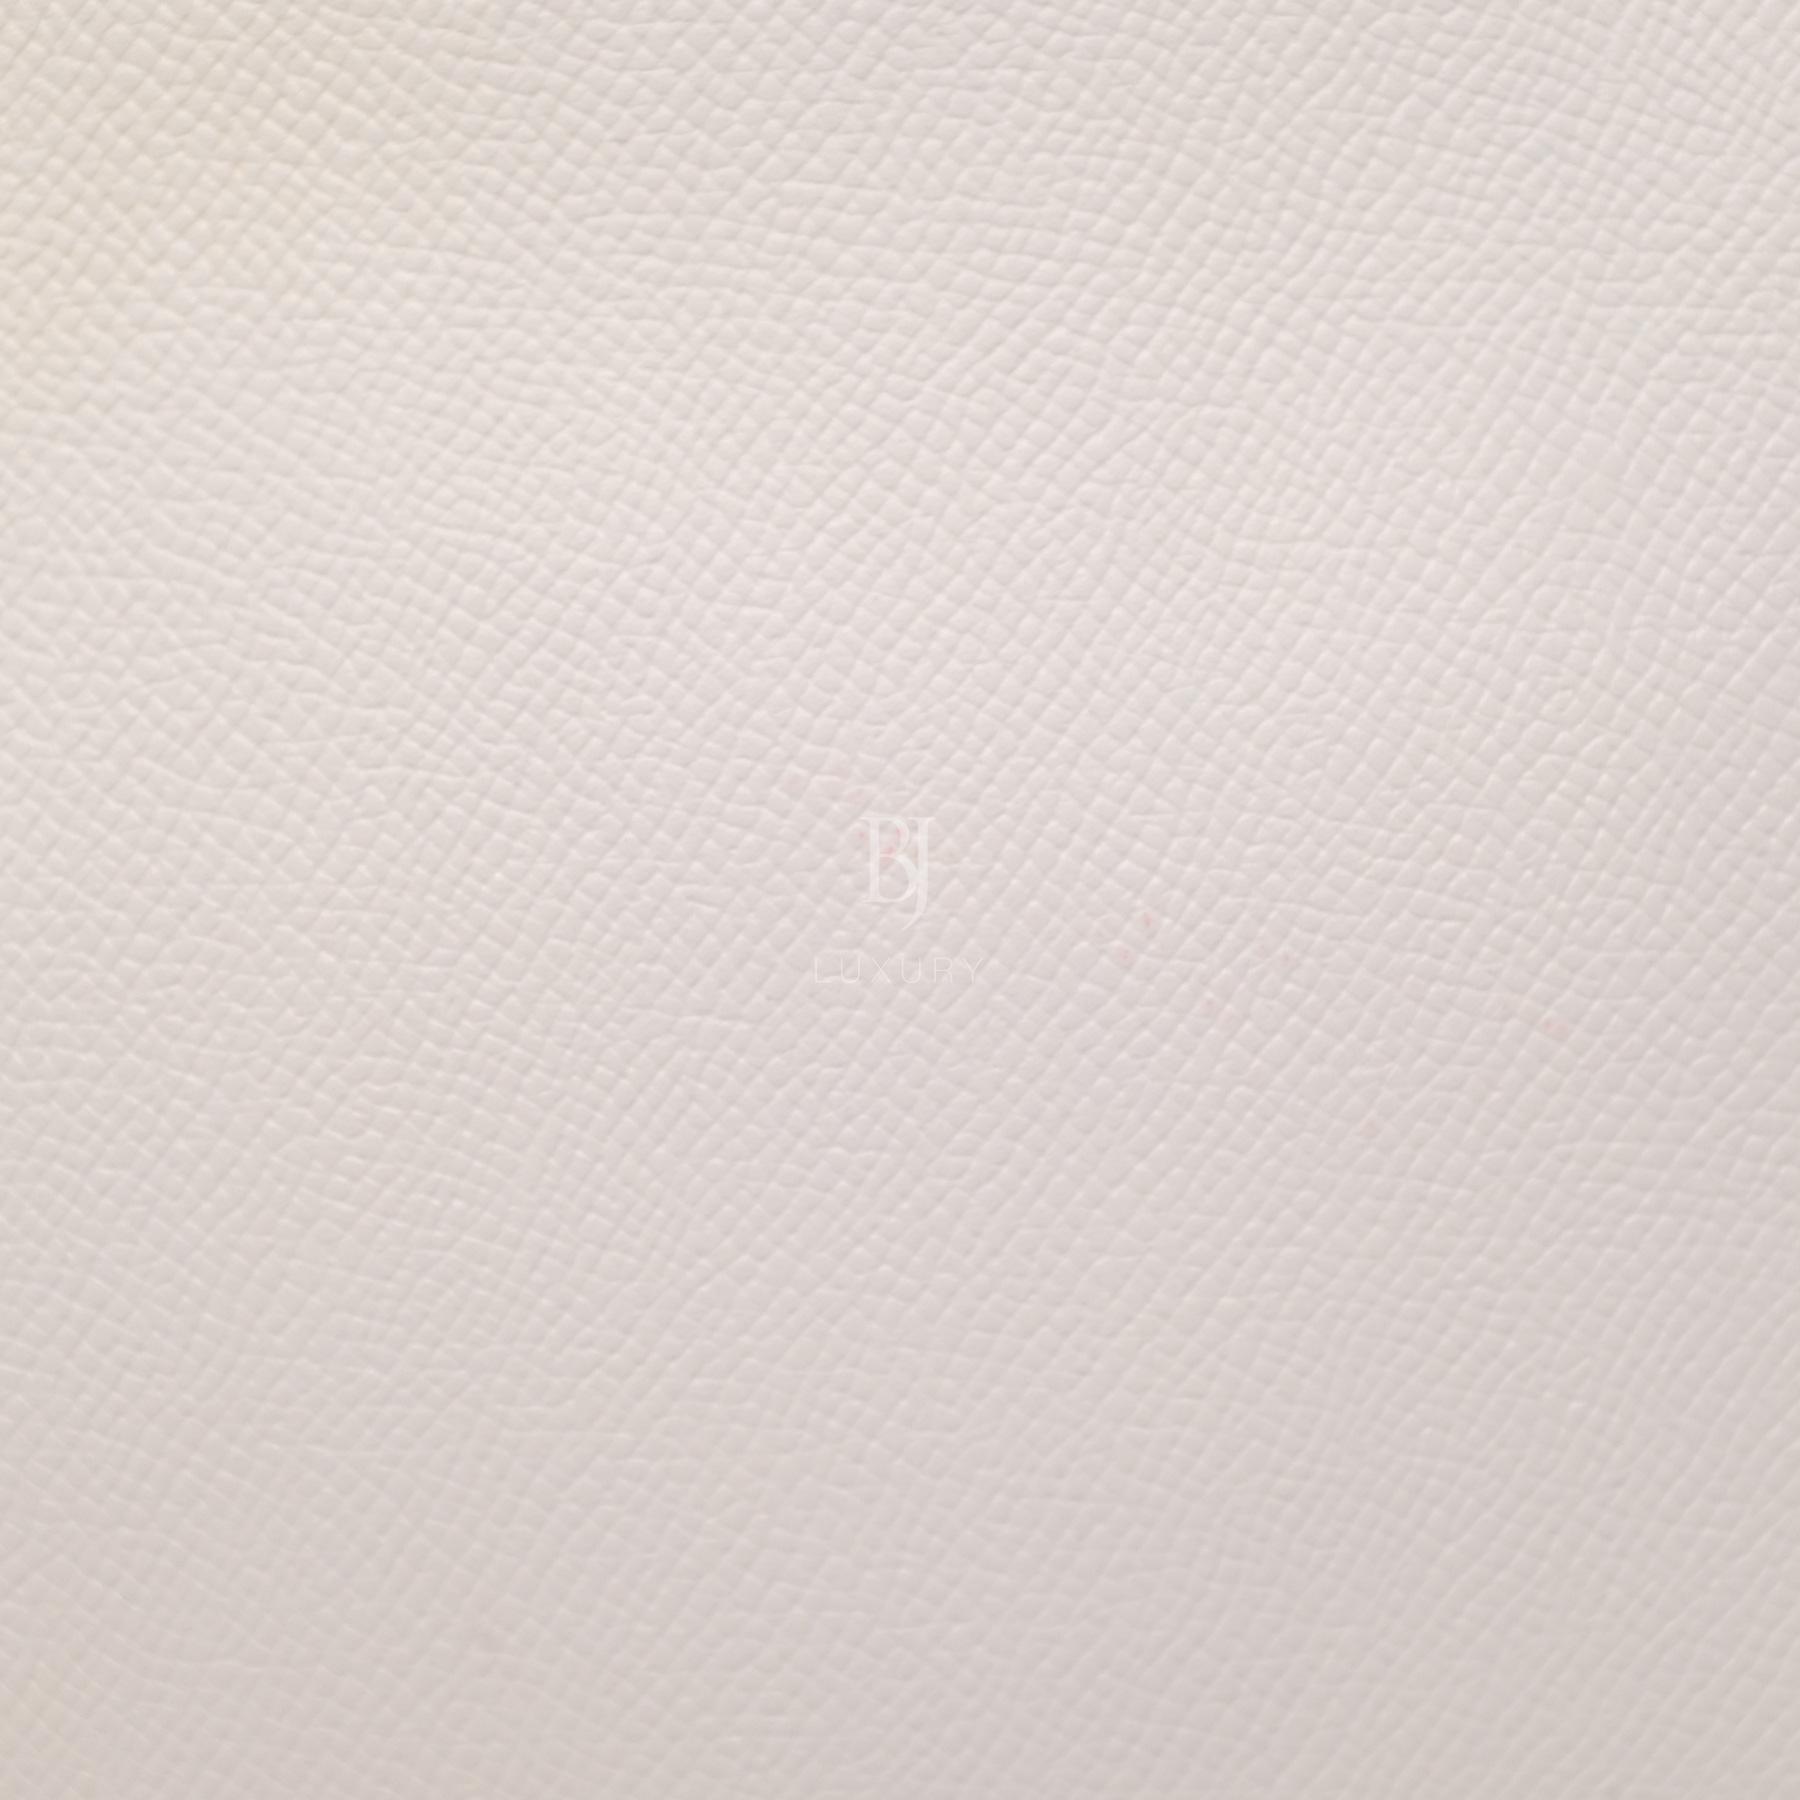 Hermes Jige 29 Epsom White 9.jpg